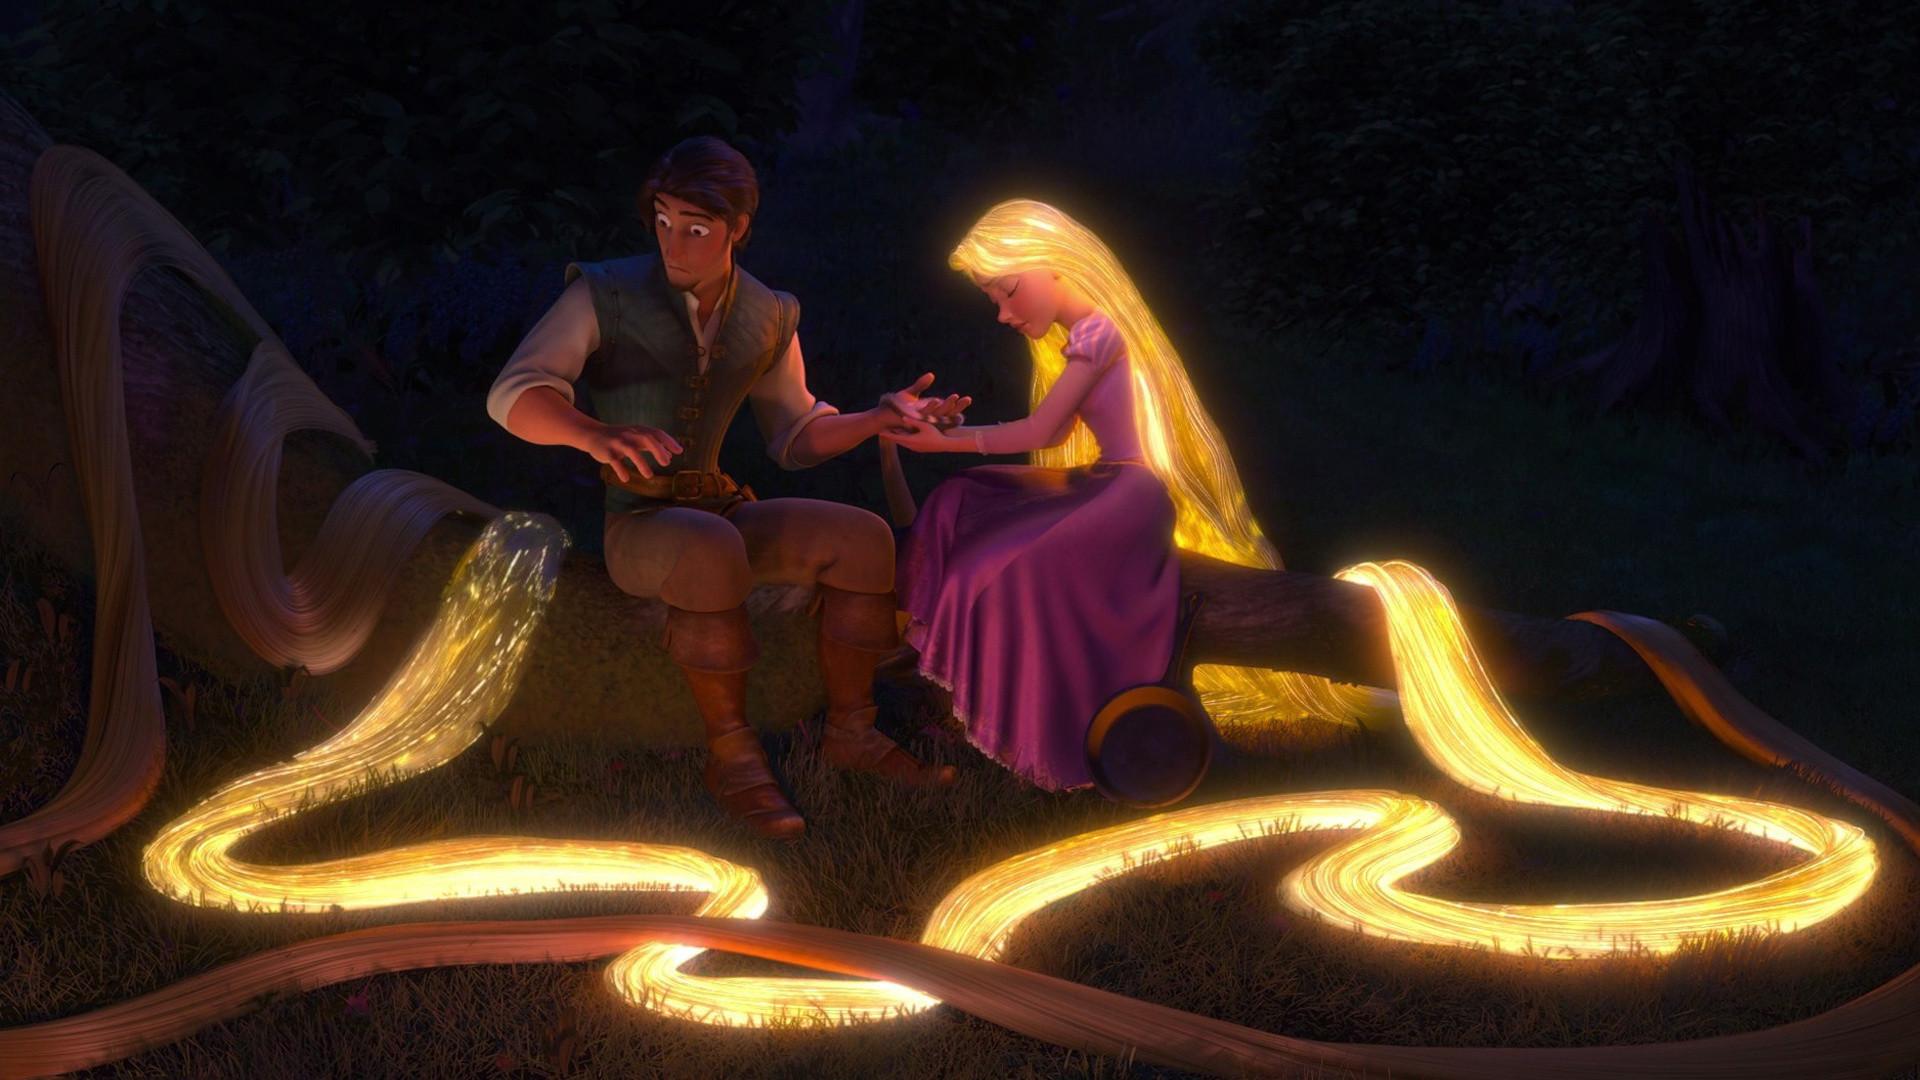 tangled, rapunzel, eugene fitzherbert, flynn rider, hair, night